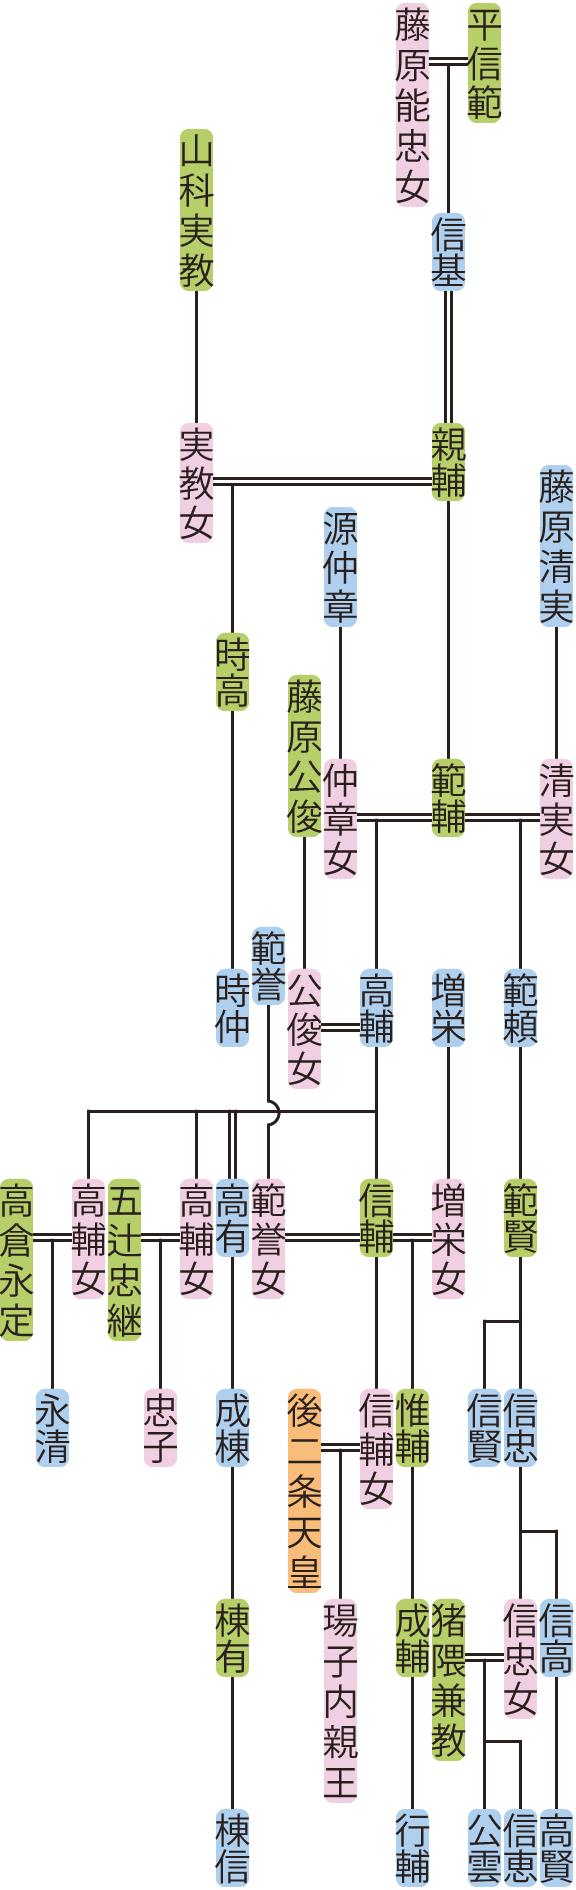 平親輔の系図